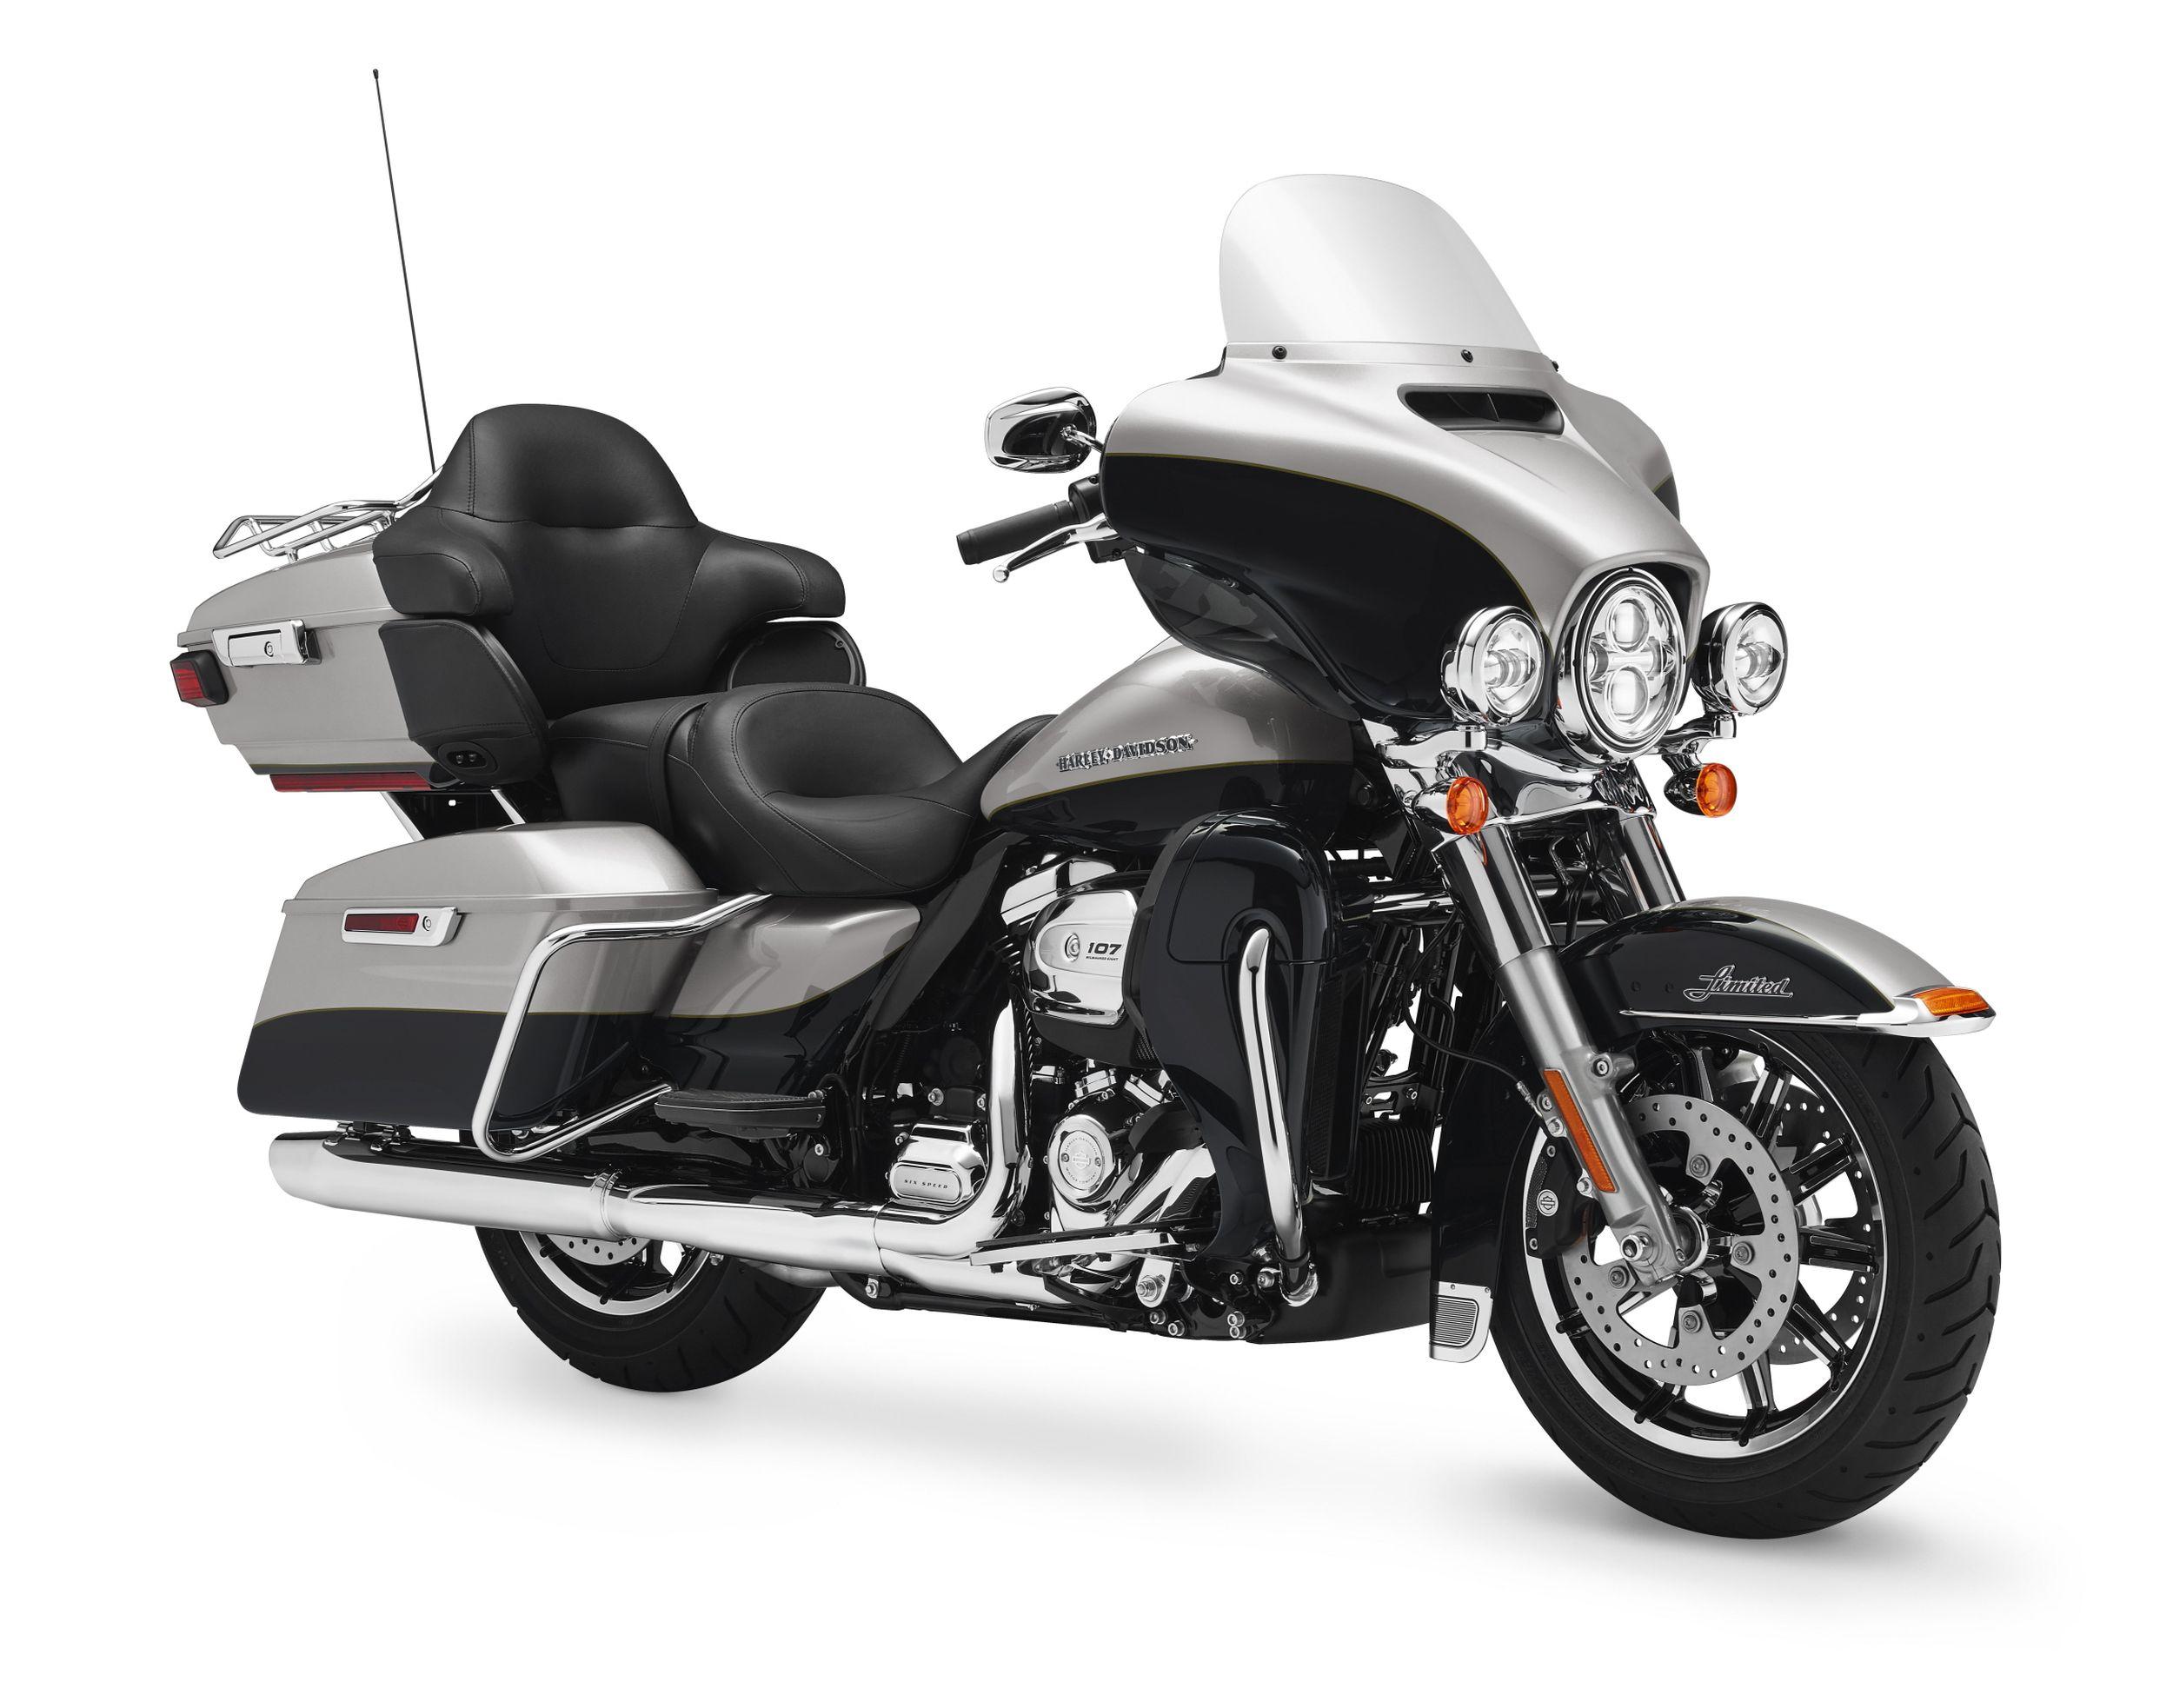 motorrad occasion harley davidson electra glide ultra. Black Bedroom Furniture Sets. Home Design Ideas